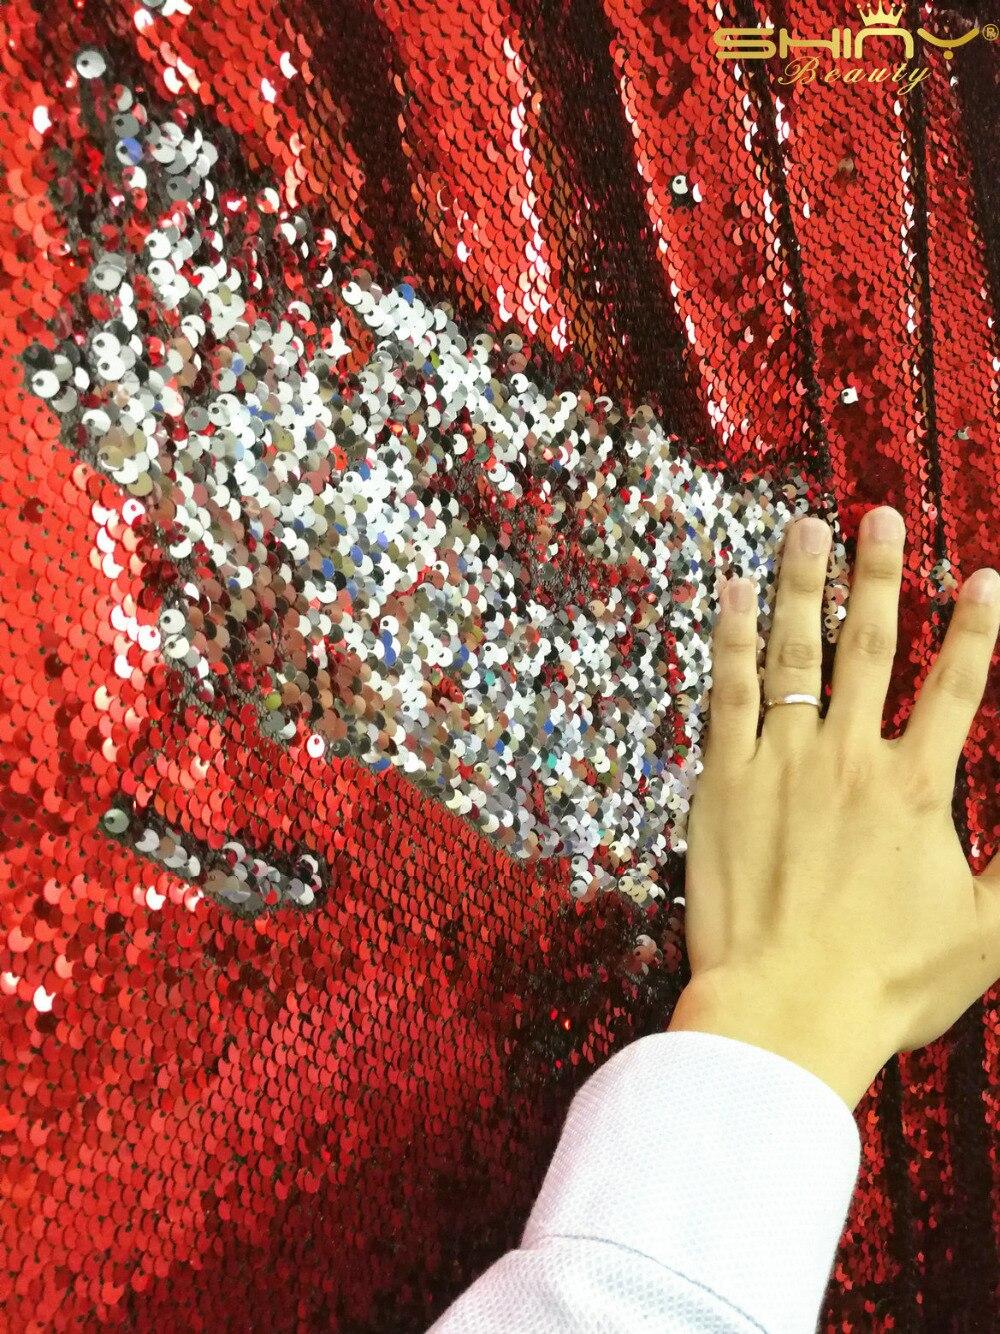 Shinybeauty Réversible Rouge et Argent Toile De Fond De Paillettes Curtain-9ft x 9ft, sirène Poissons Échelle Sequin Photographie pour Décorations-r